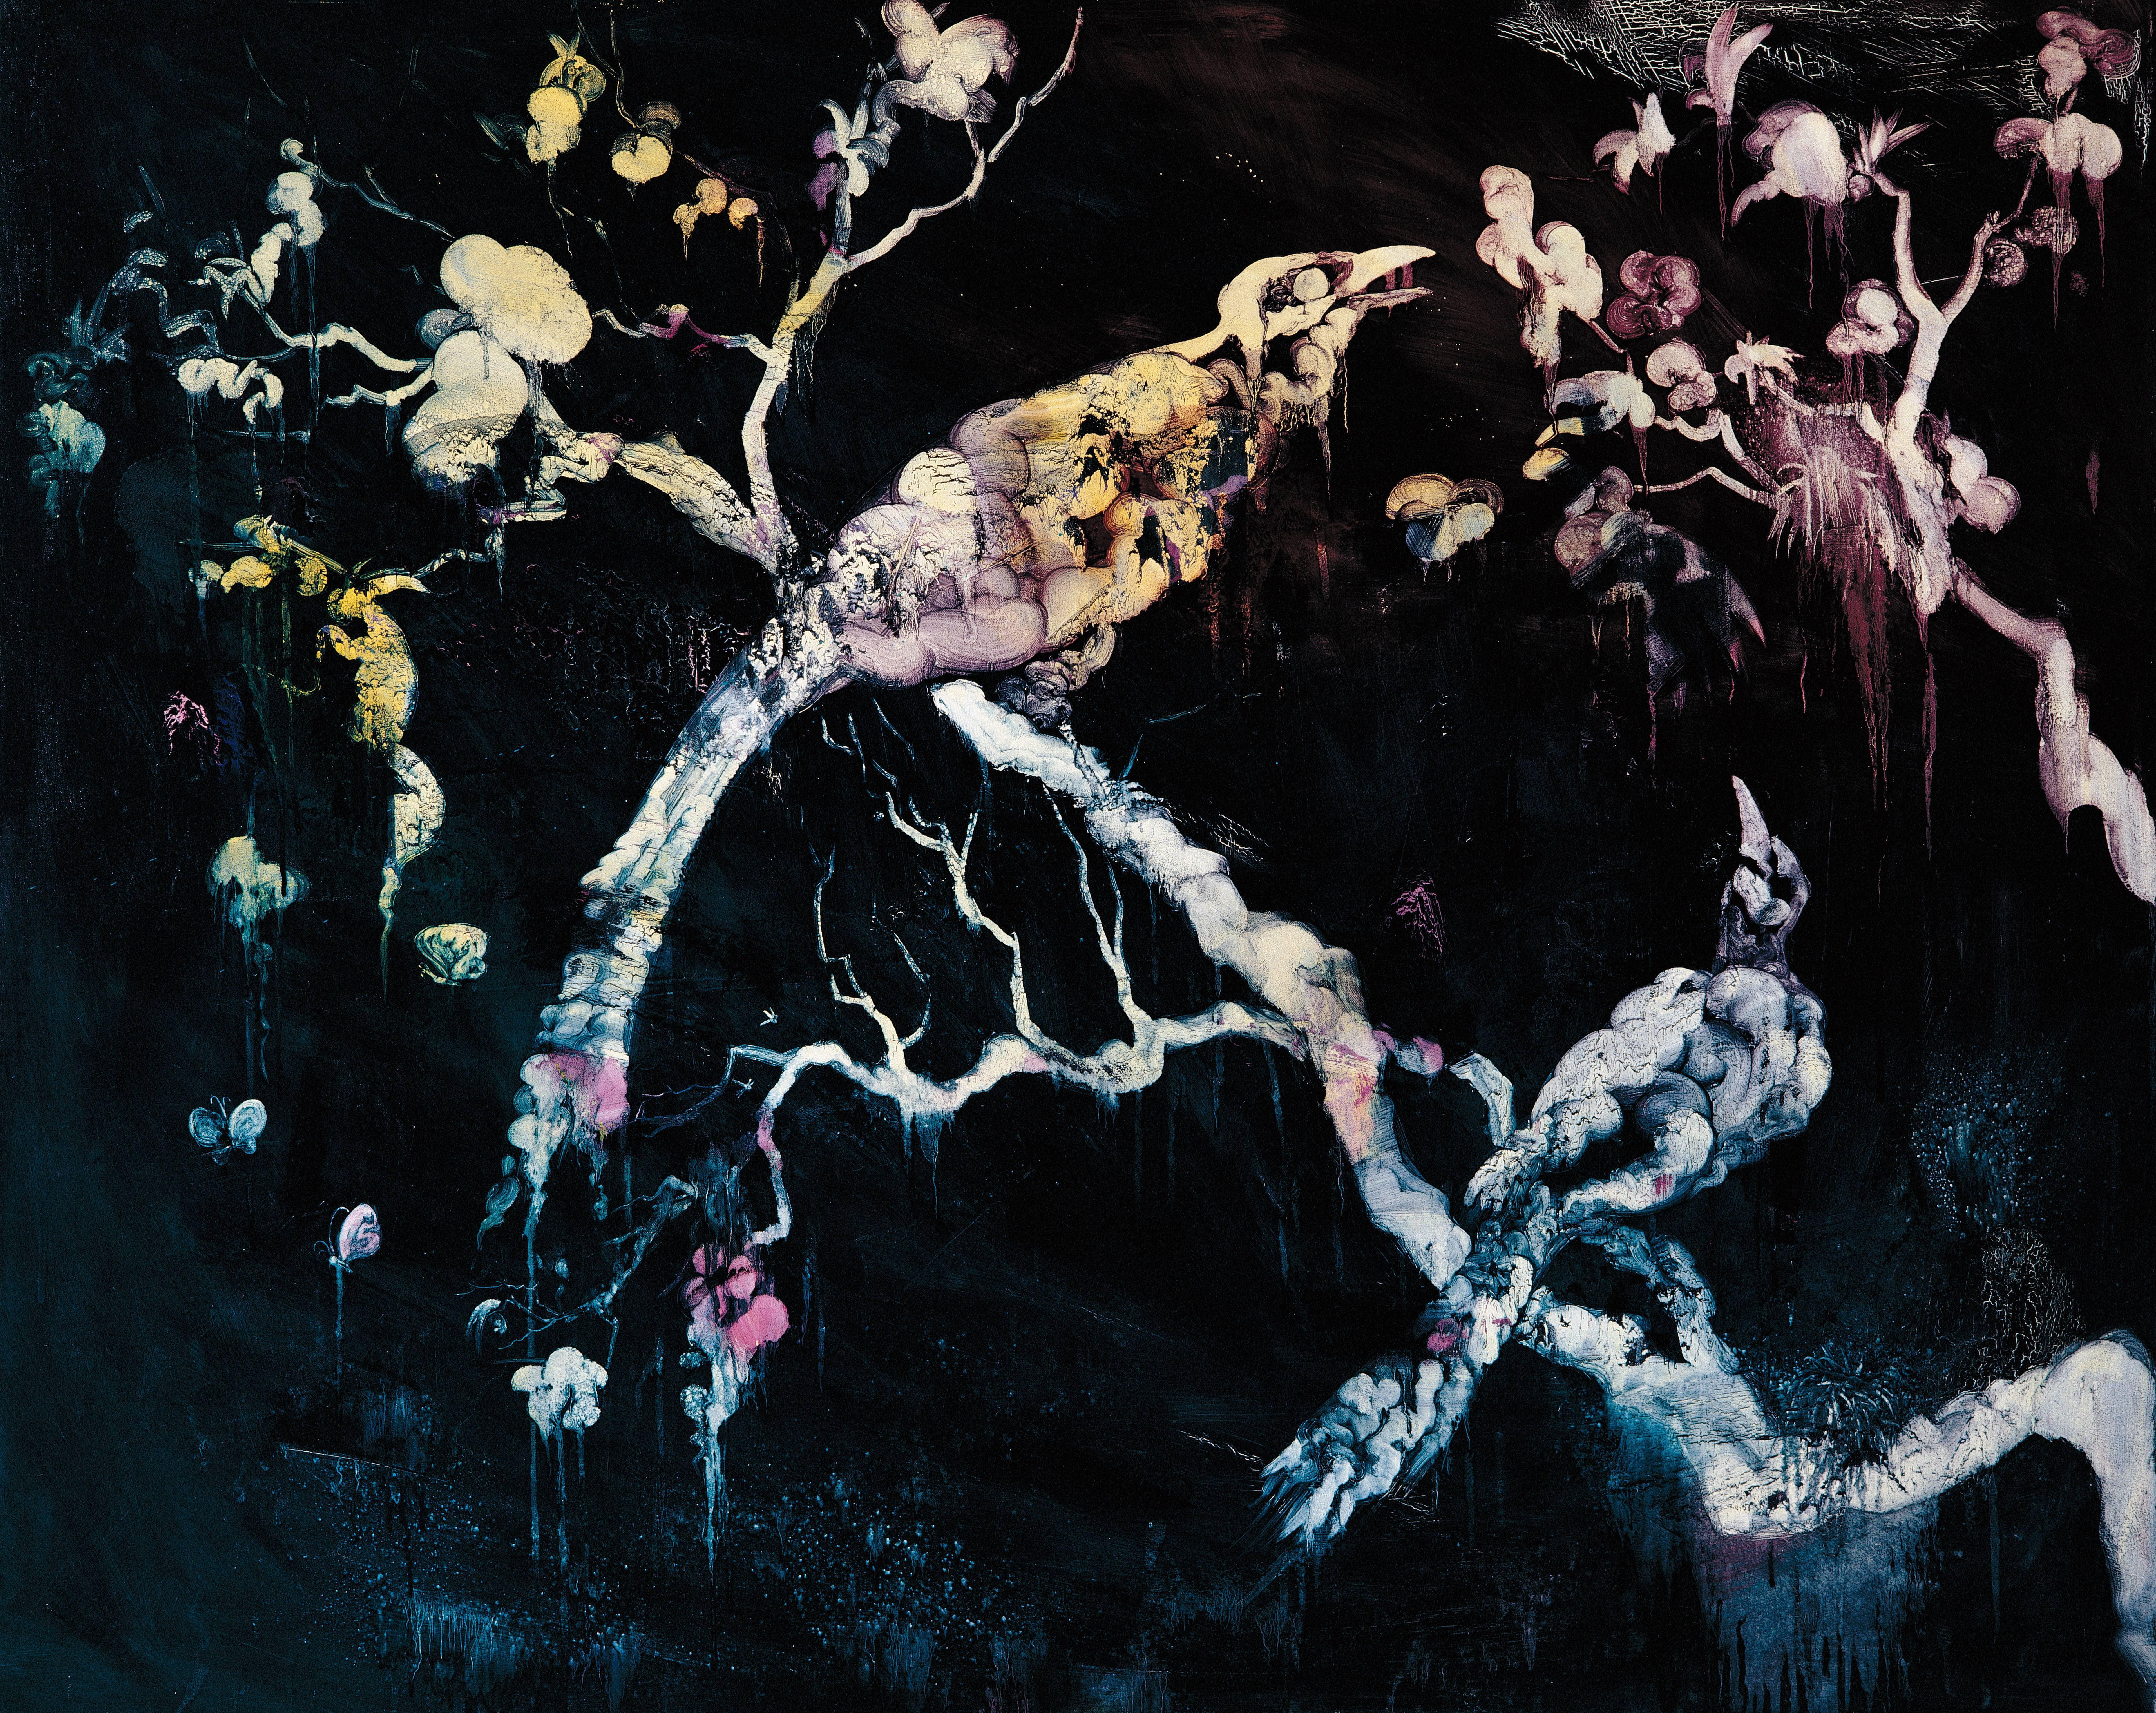 常陵|五花肉系列-肉花鳥-靜待拂曉圖|2007|油彩|120x162cm